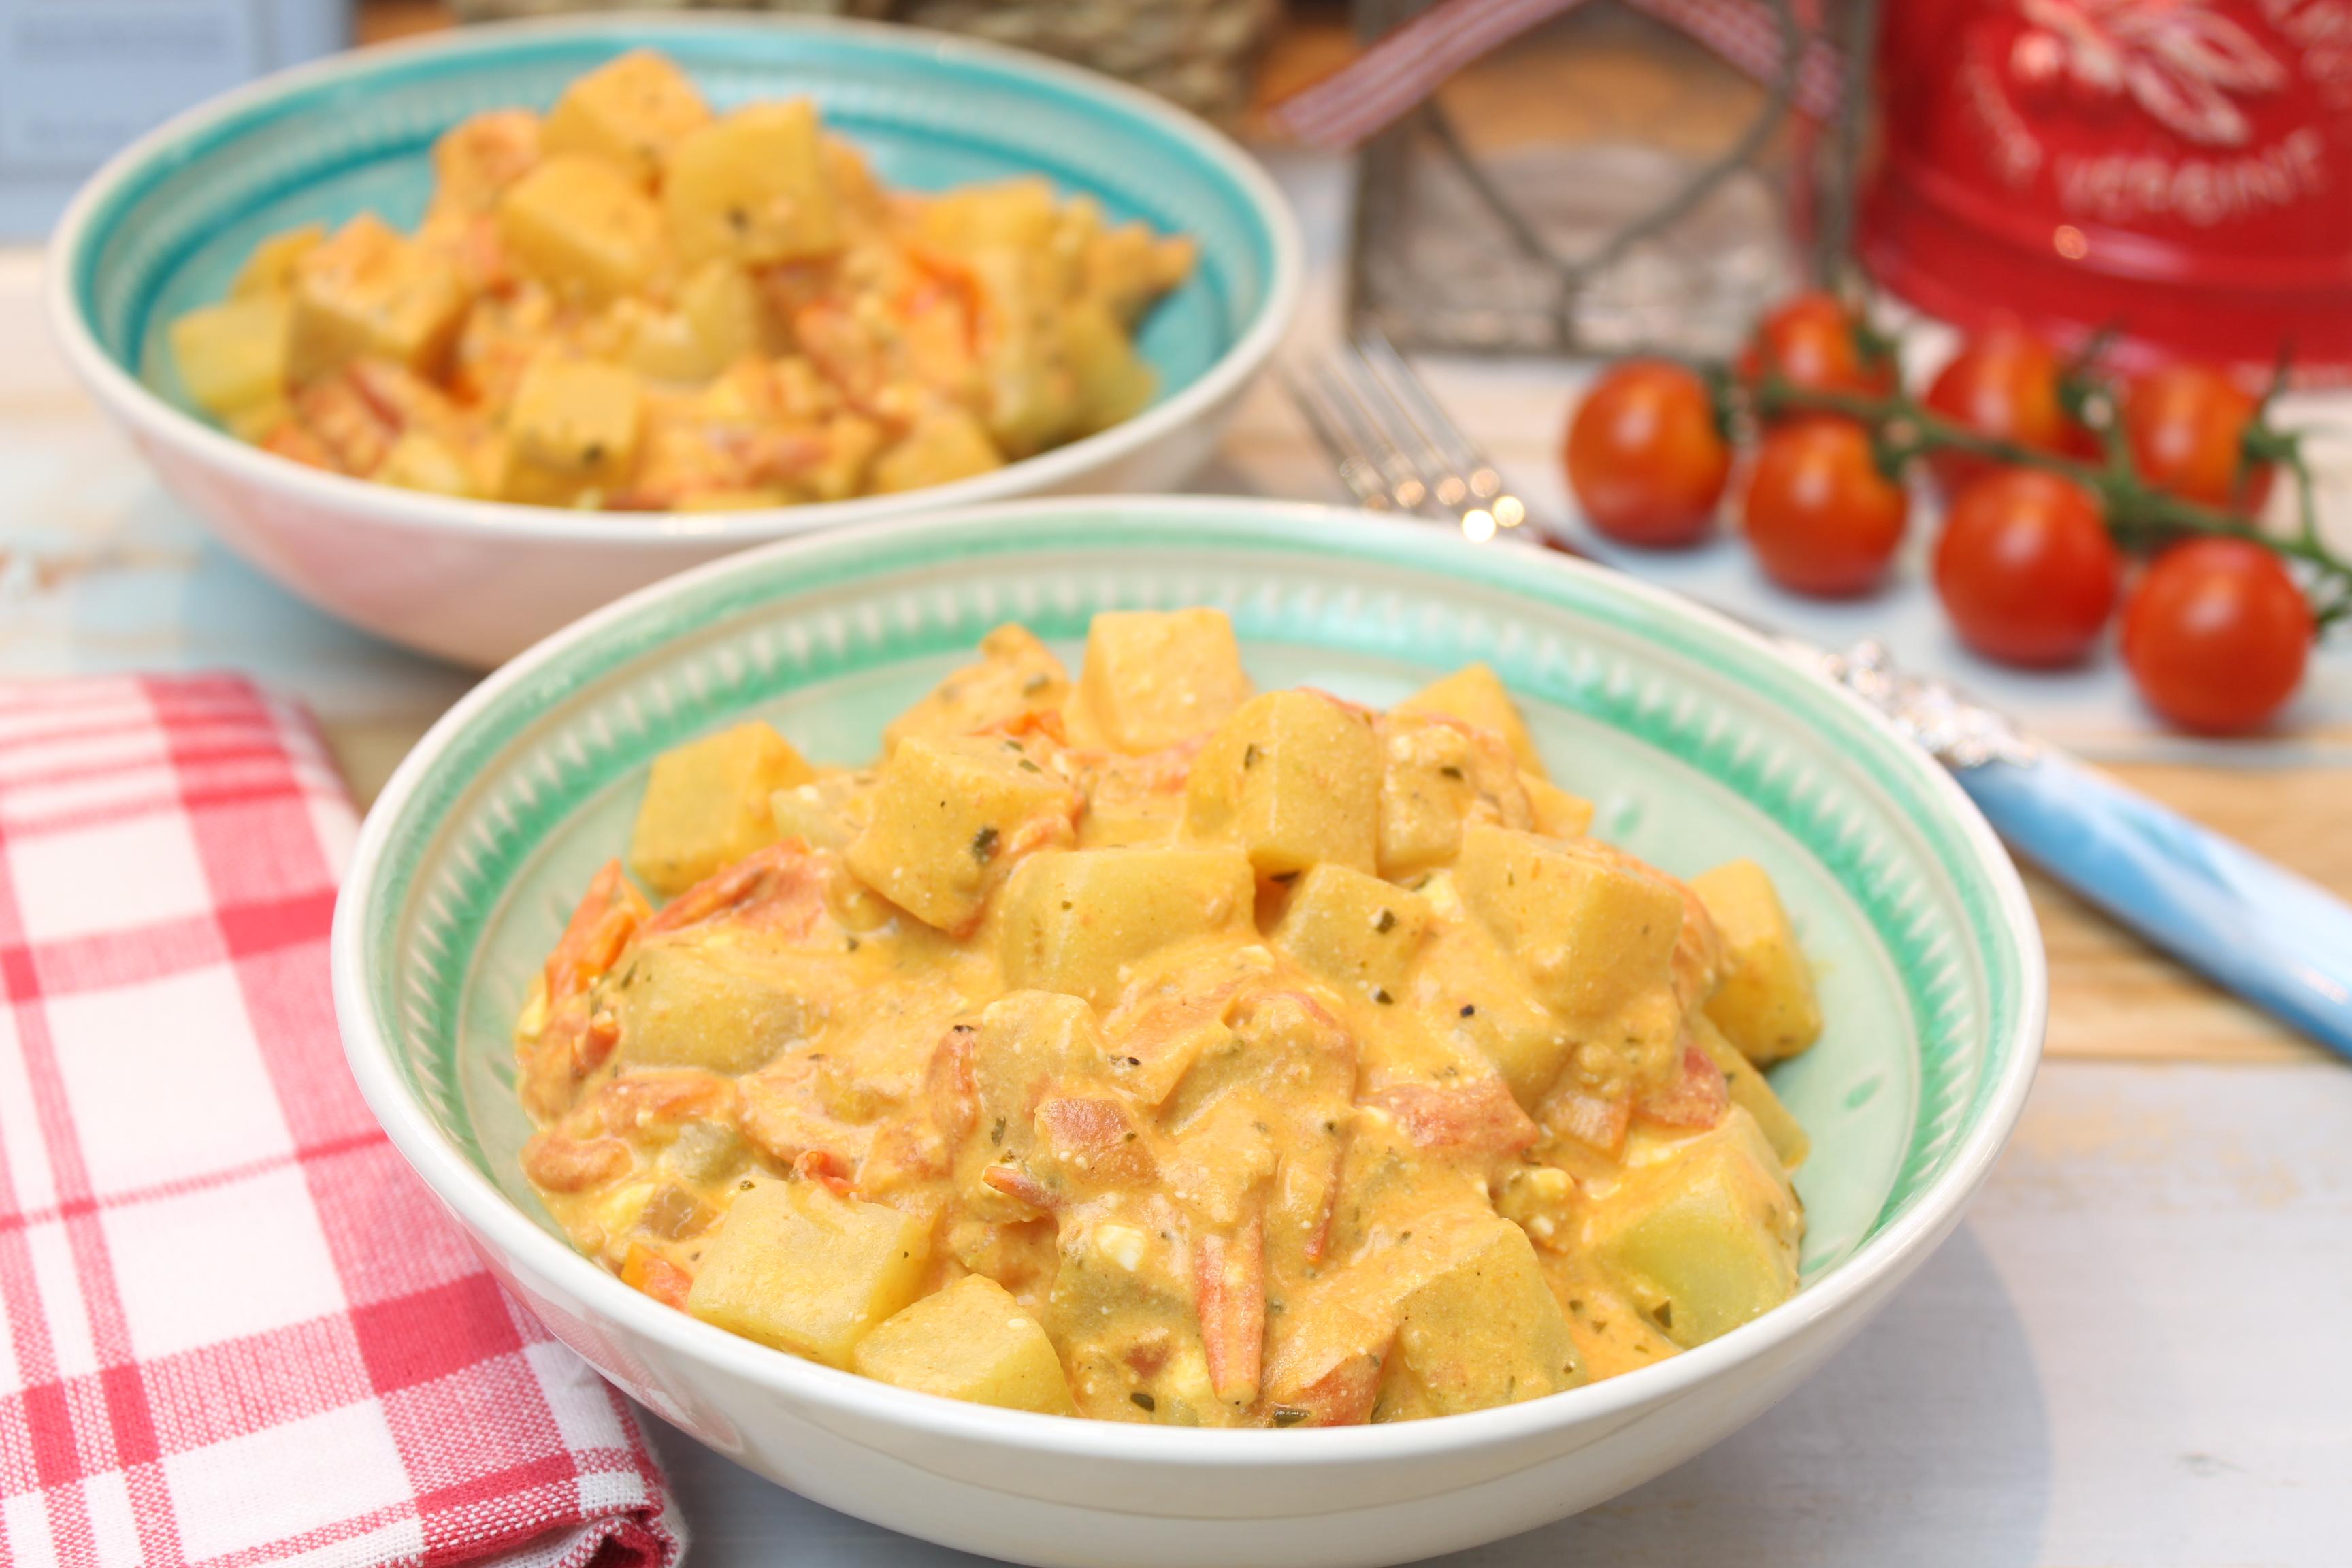 Kohlrabipfanne mit Tomate und Feta